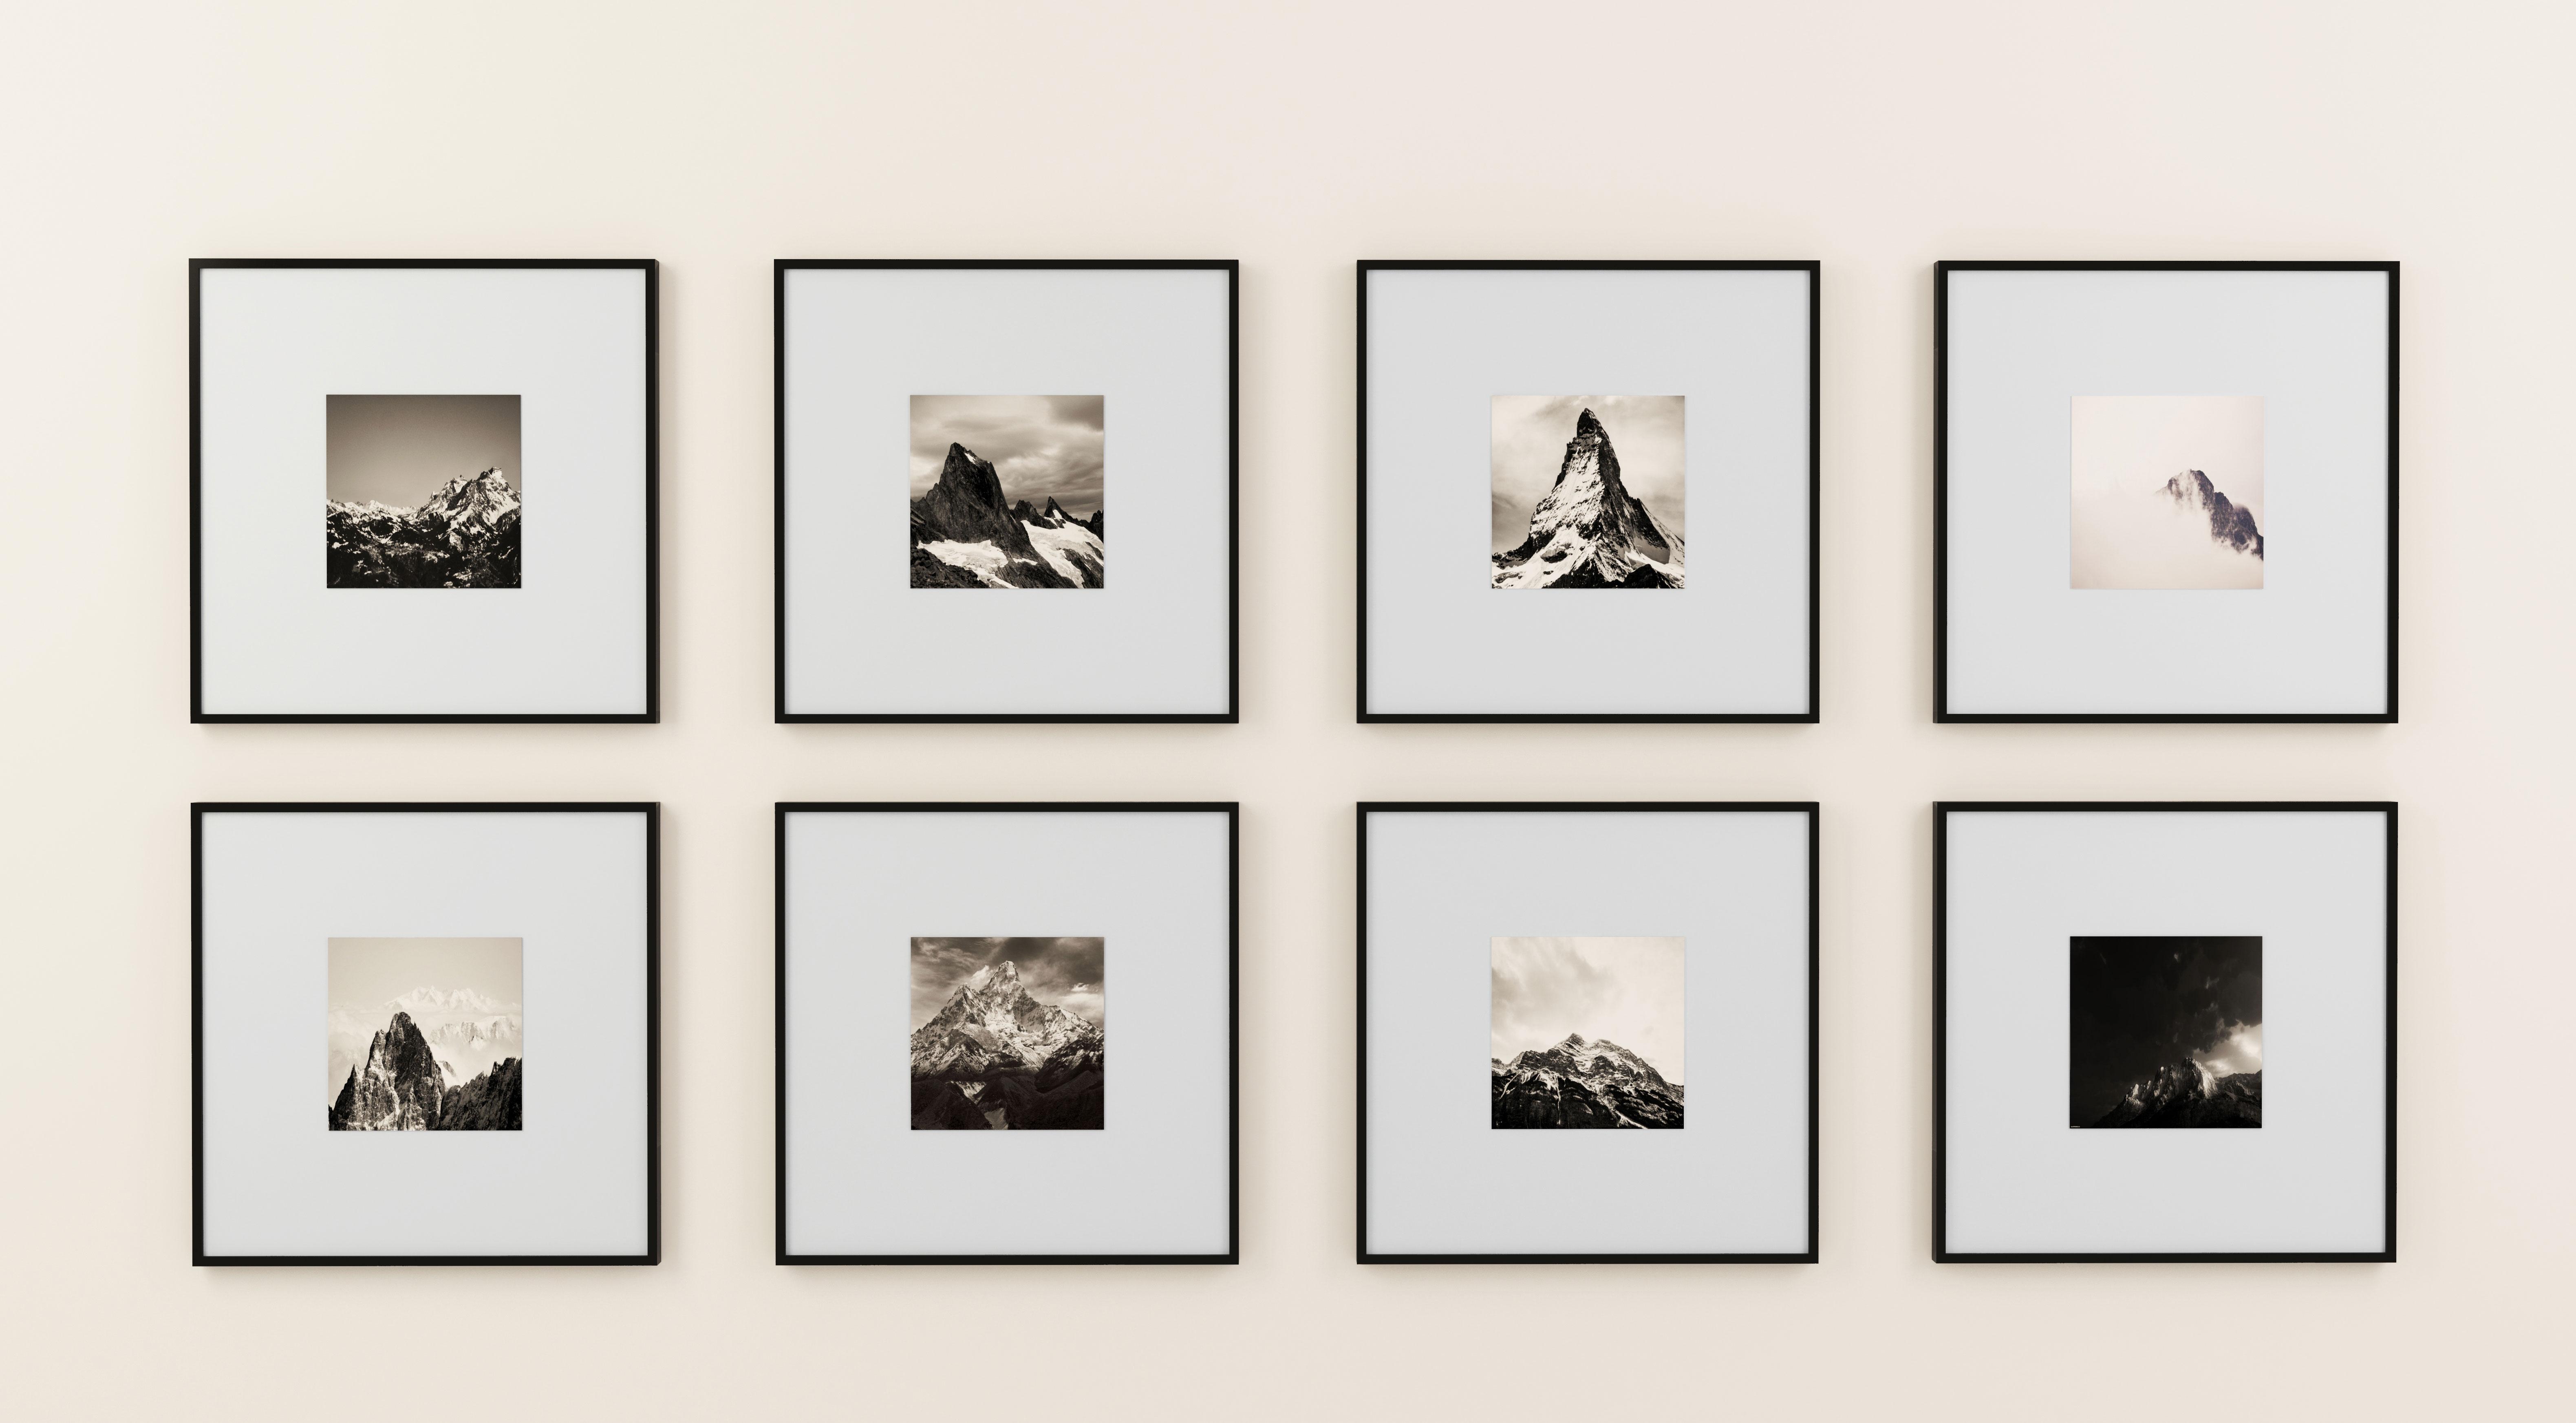 gallery wall - Framing & Art Centre